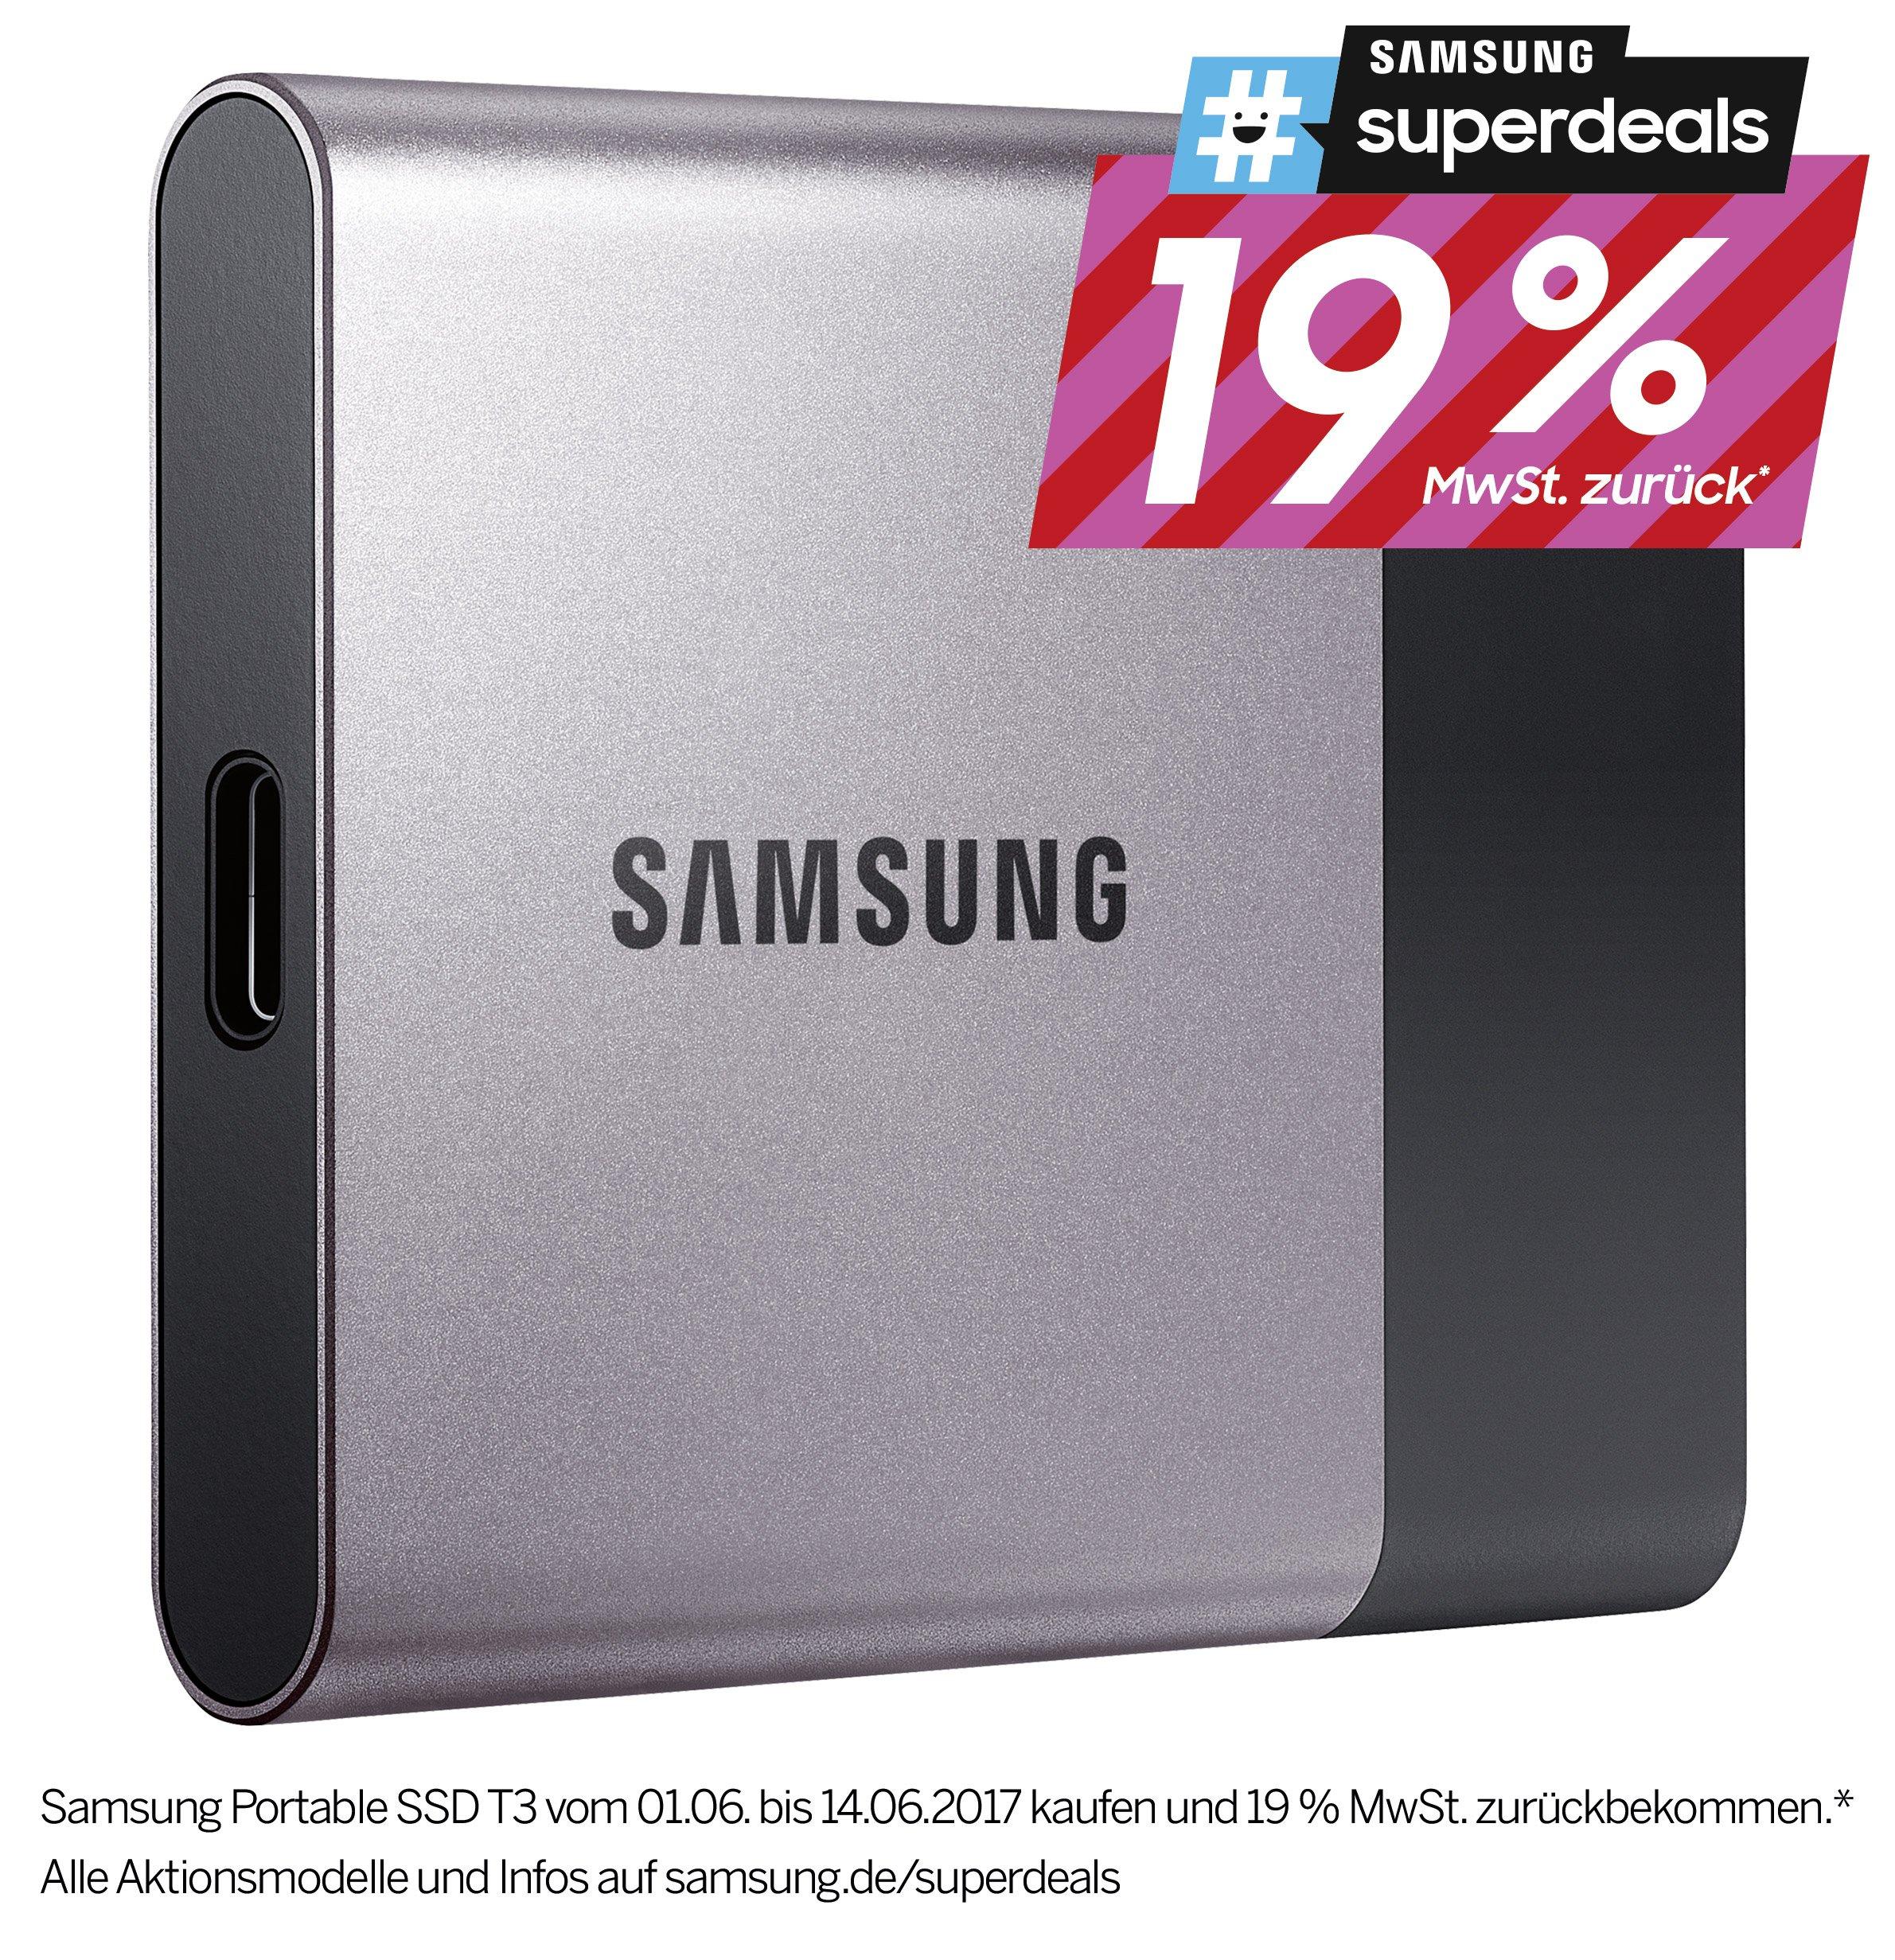 Samsung T3 Portable SSD 250GB - abzügl.. 19% CashBack Aktion von Samsung